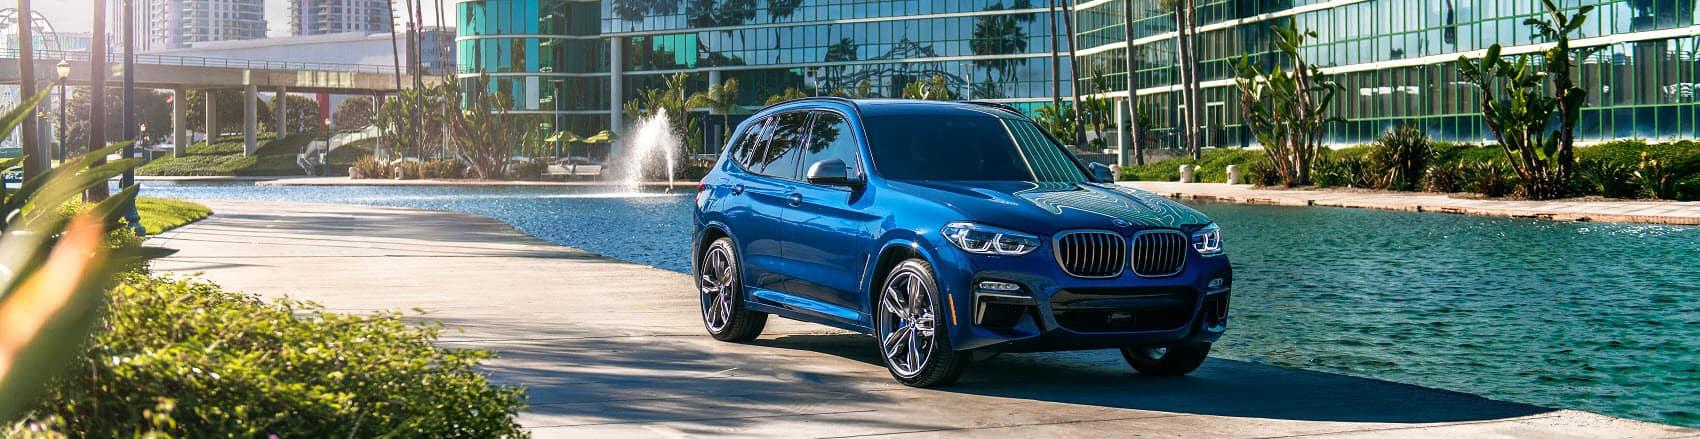 2019 BMW X3 vs BMW X1